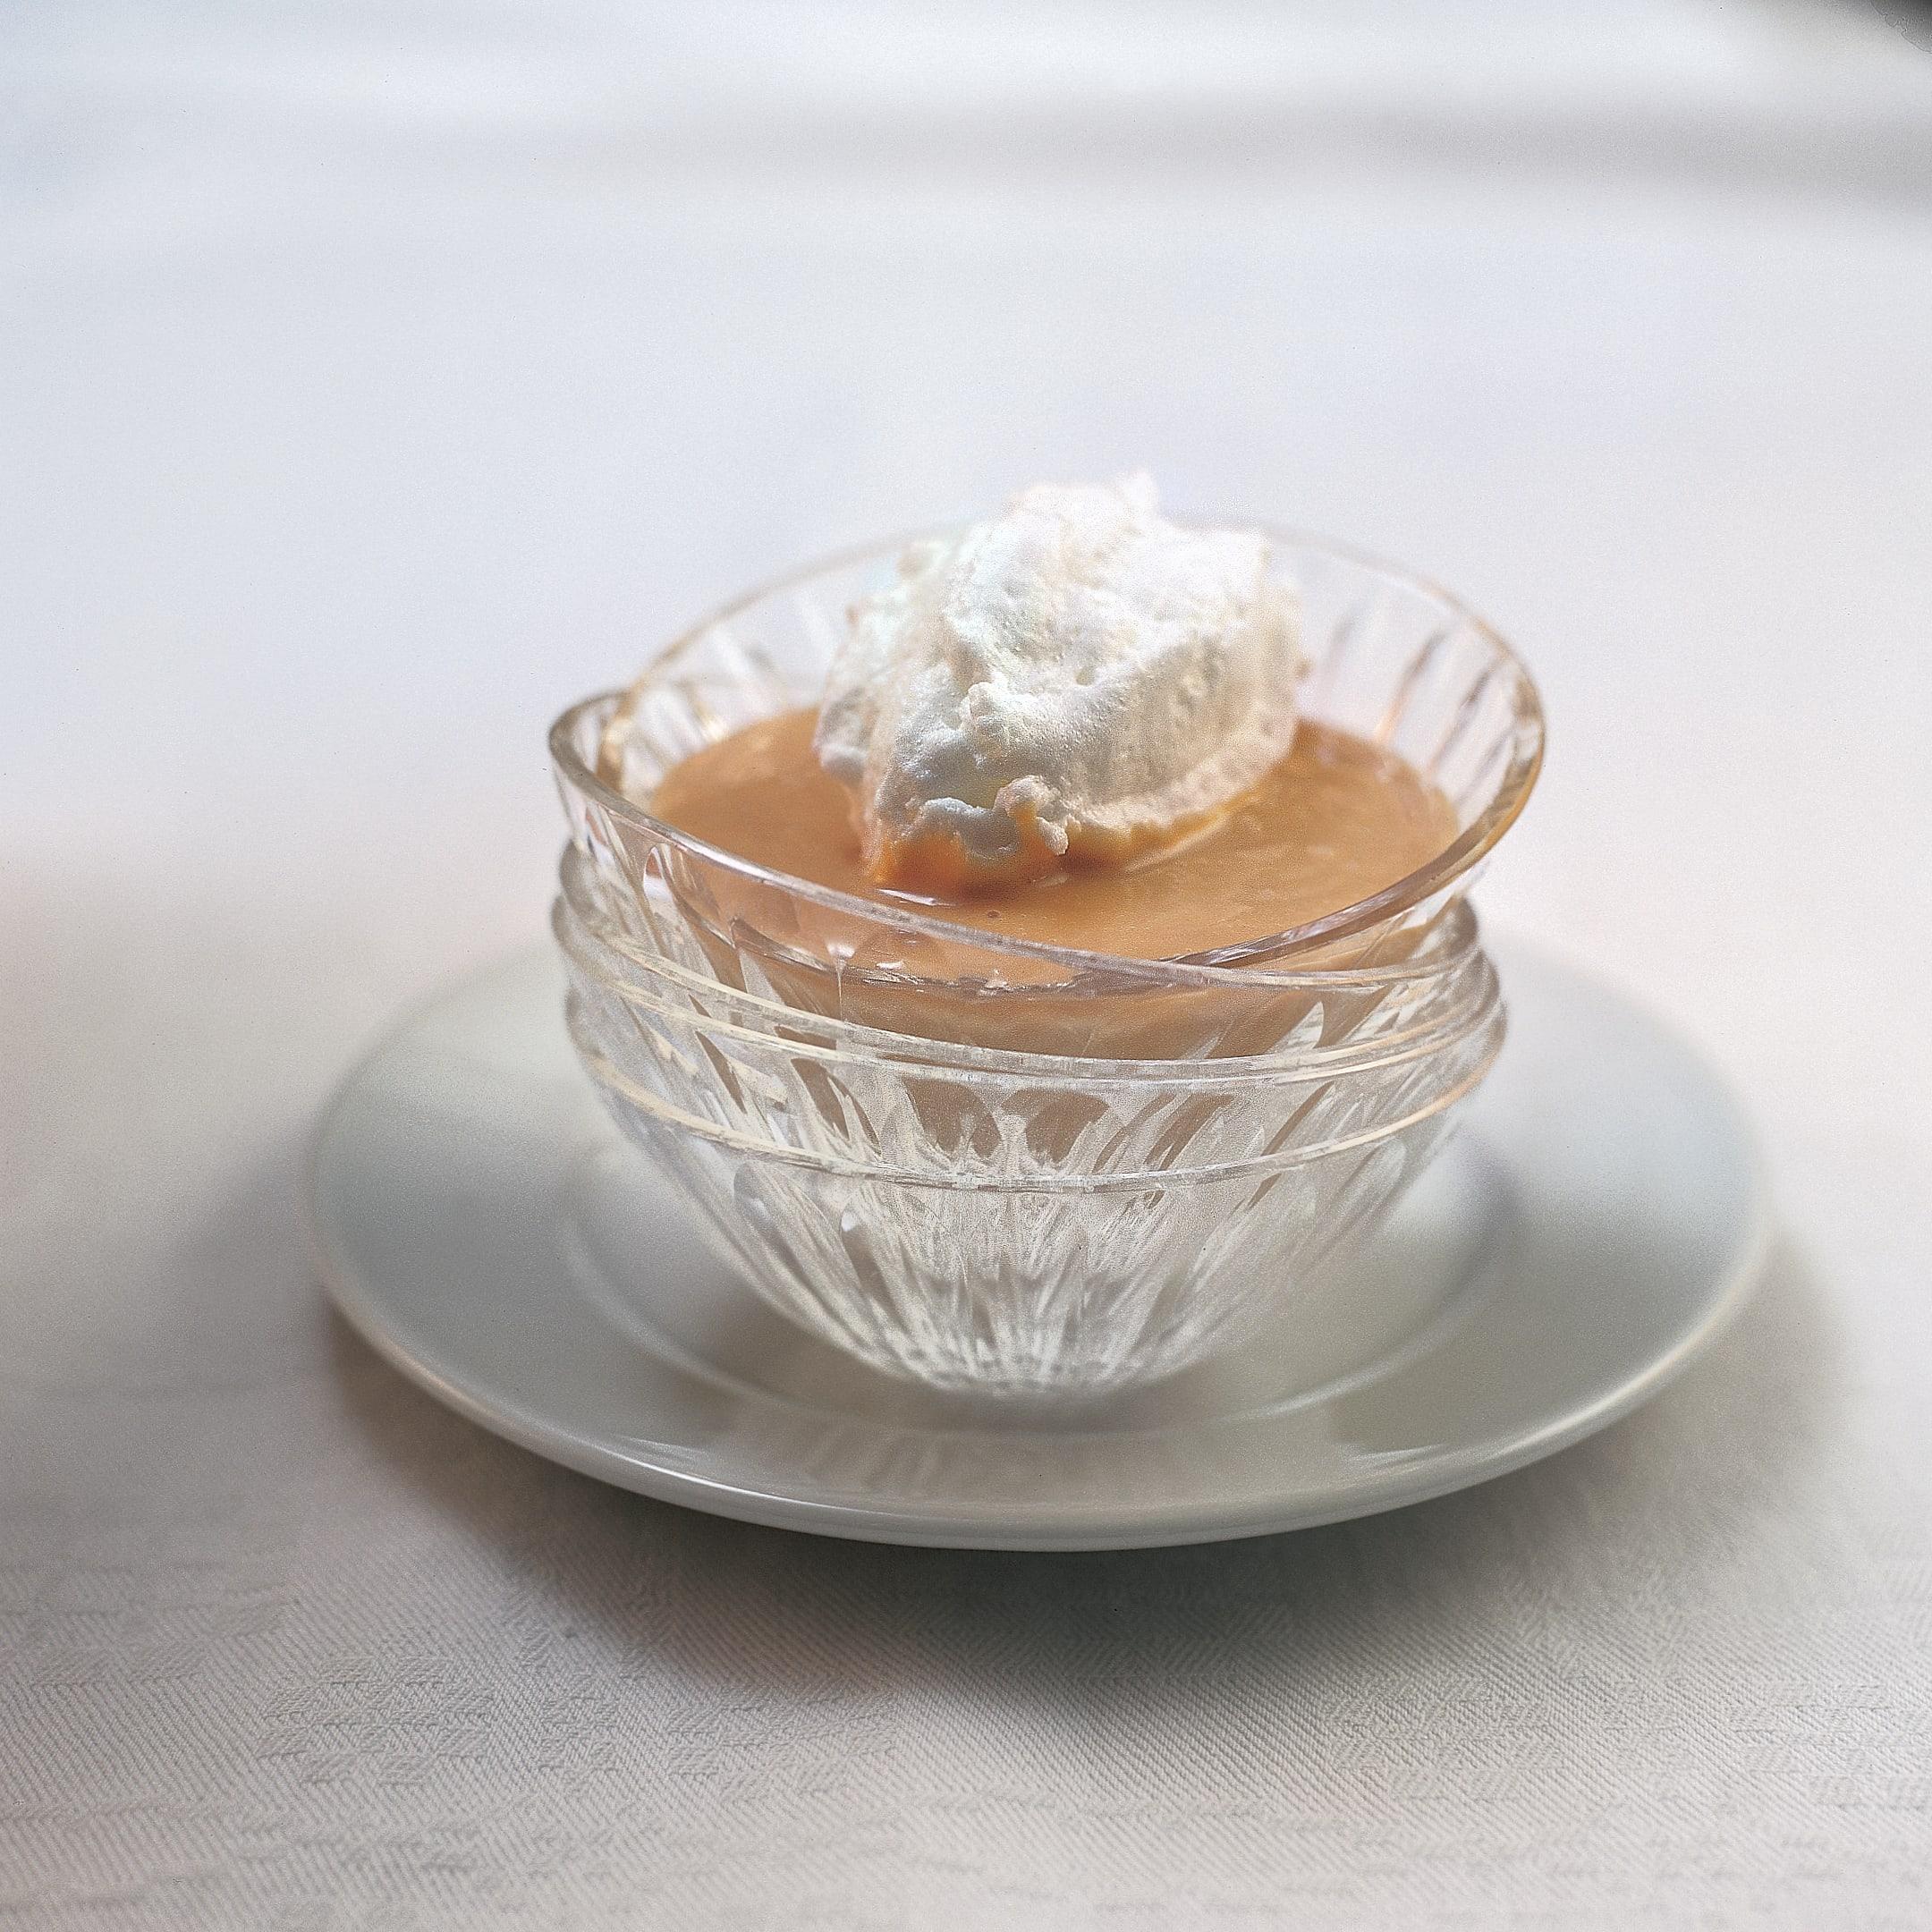 Crème brûlée et boules de neige